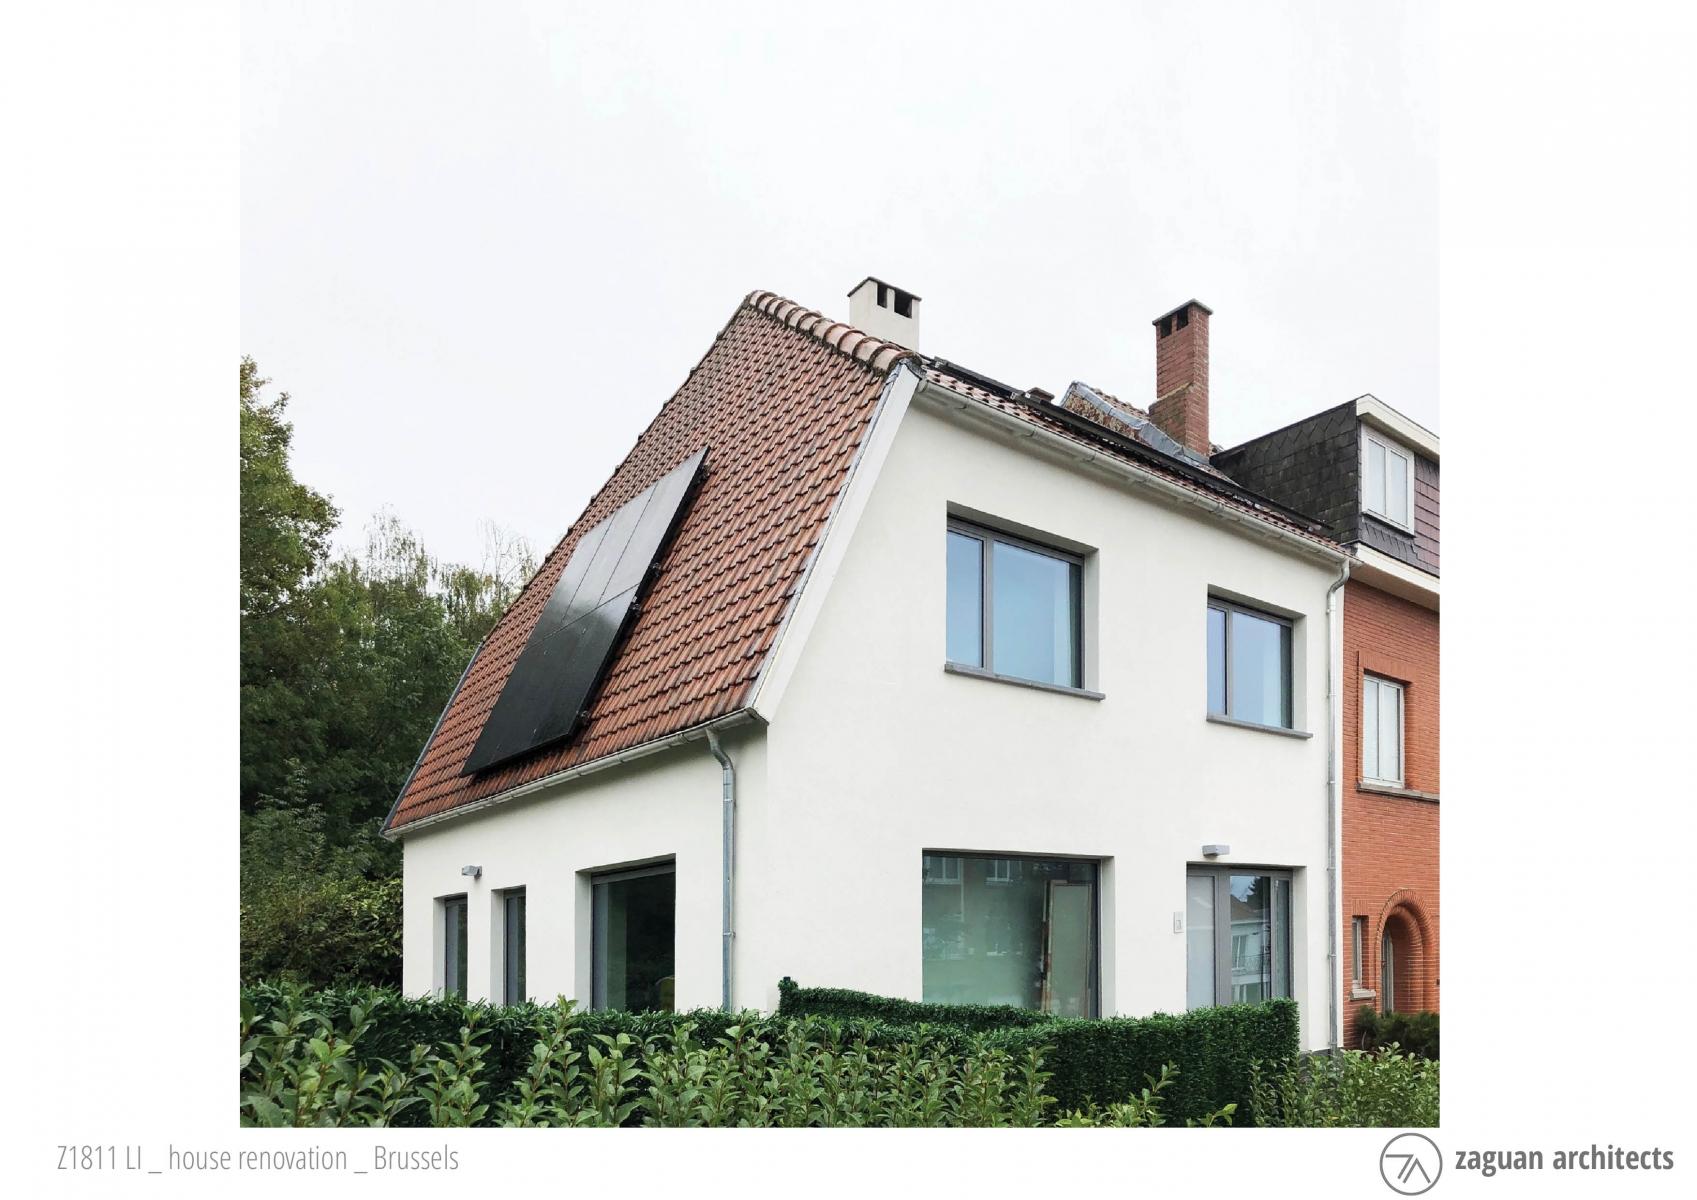 andres gonzalez gil zaguanarchitects house renovation brussels Z1811 01